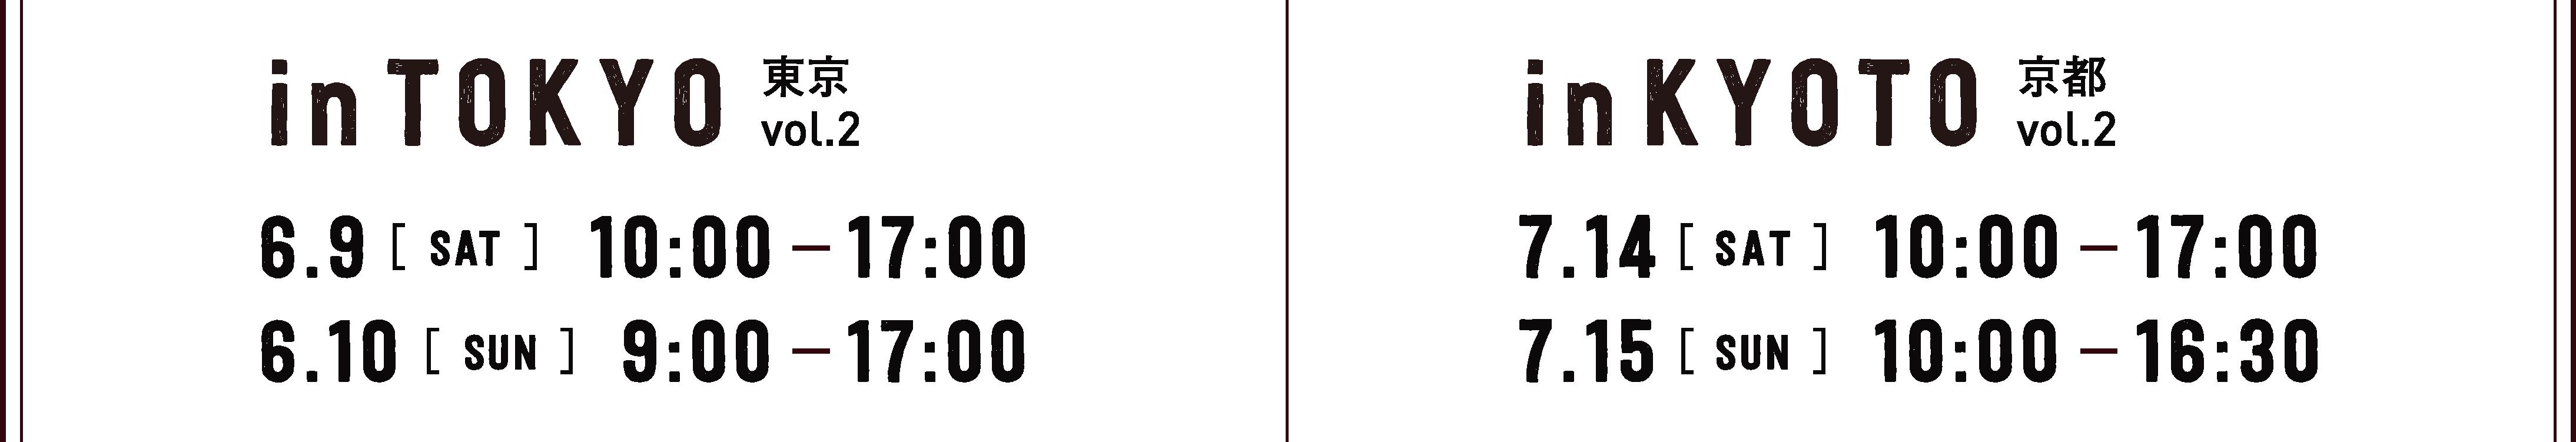 2018.6.9[sat] - 6.10[sun] in Tokyo & 2018.7.14[sat] - 7.15[sun] in Kyoto